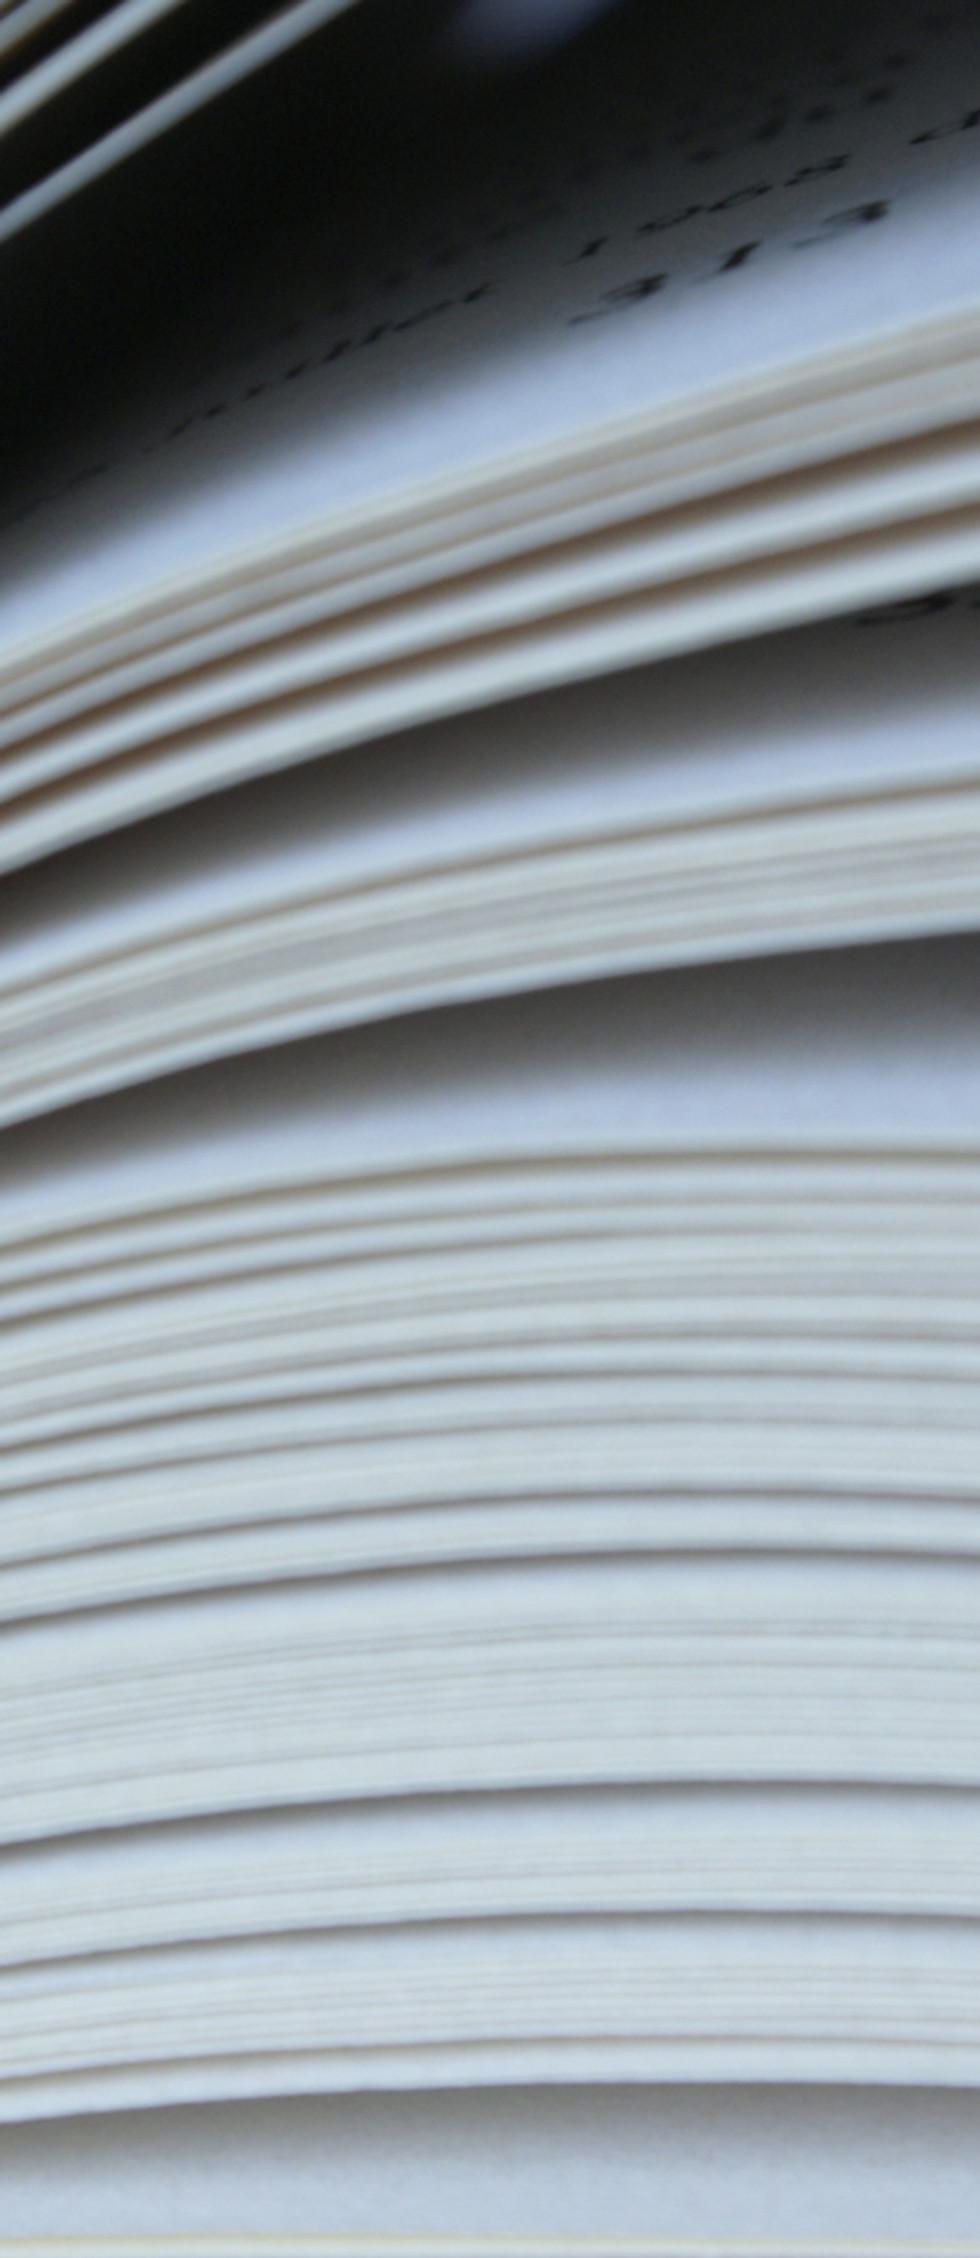 Páginas de libros